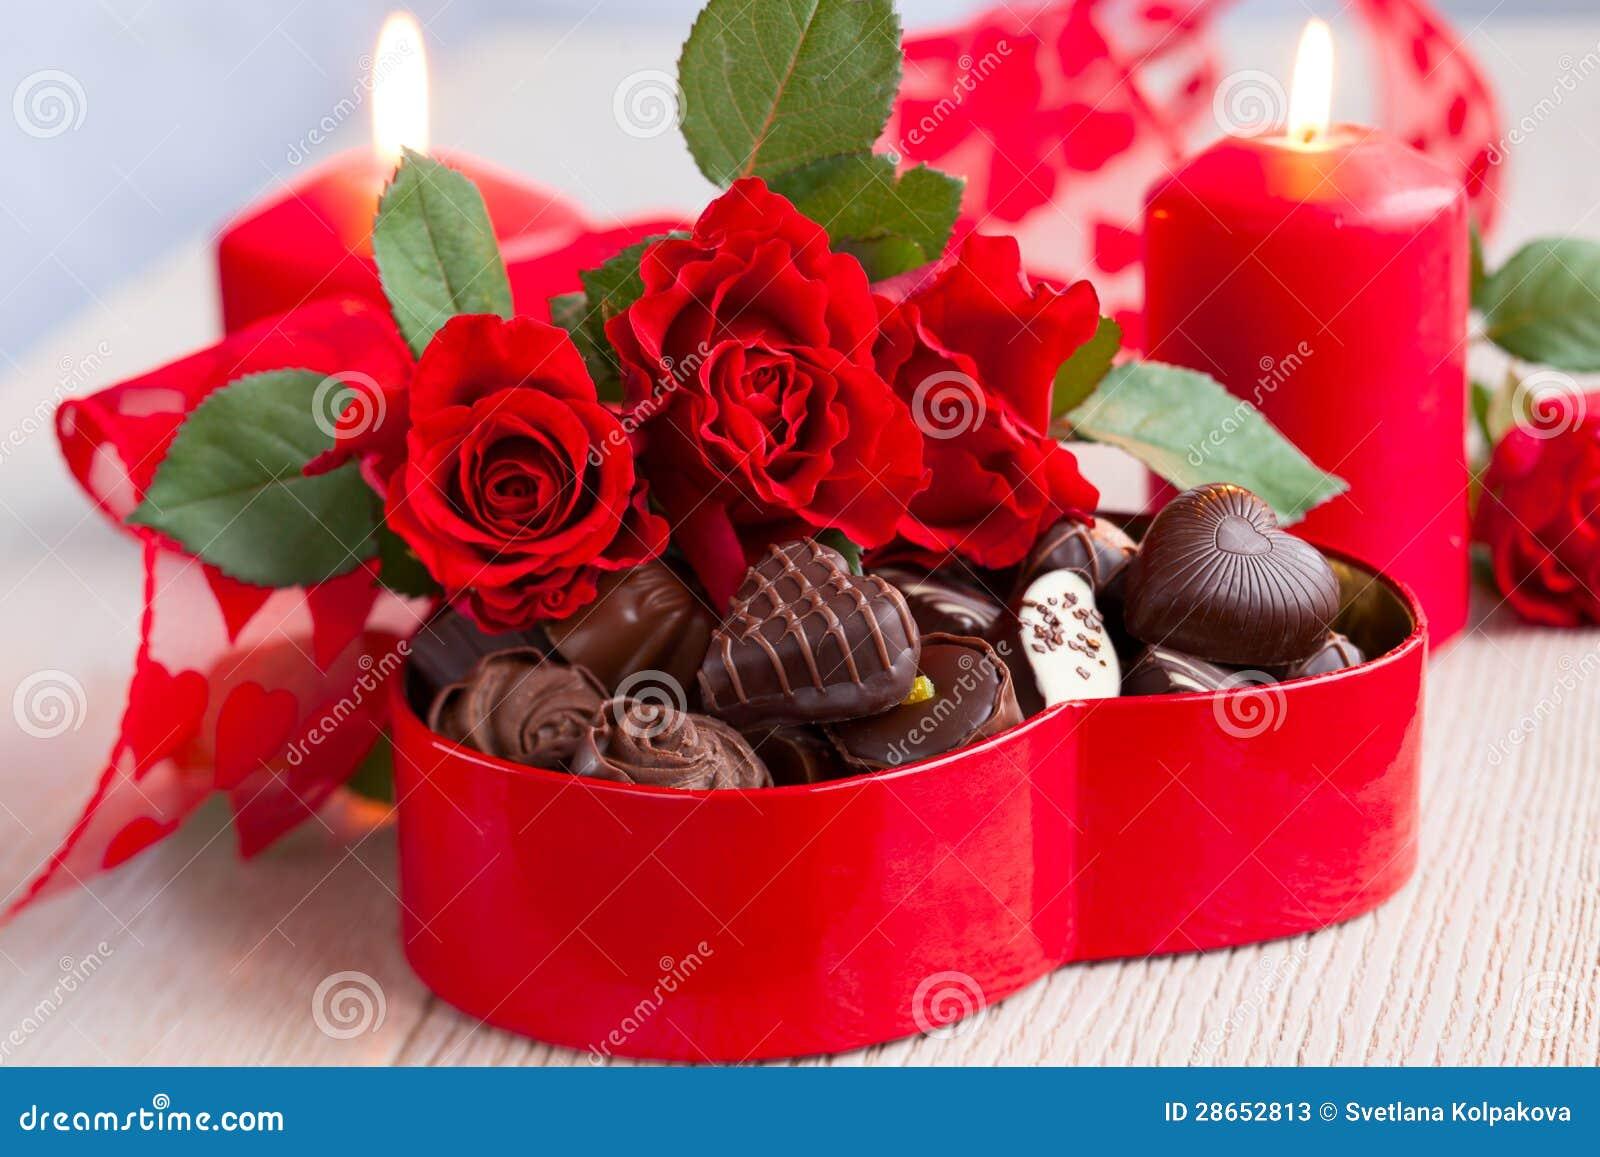 Rosen Und Pralinen Fur Valentinstag Stockbild Bild Von Dekor